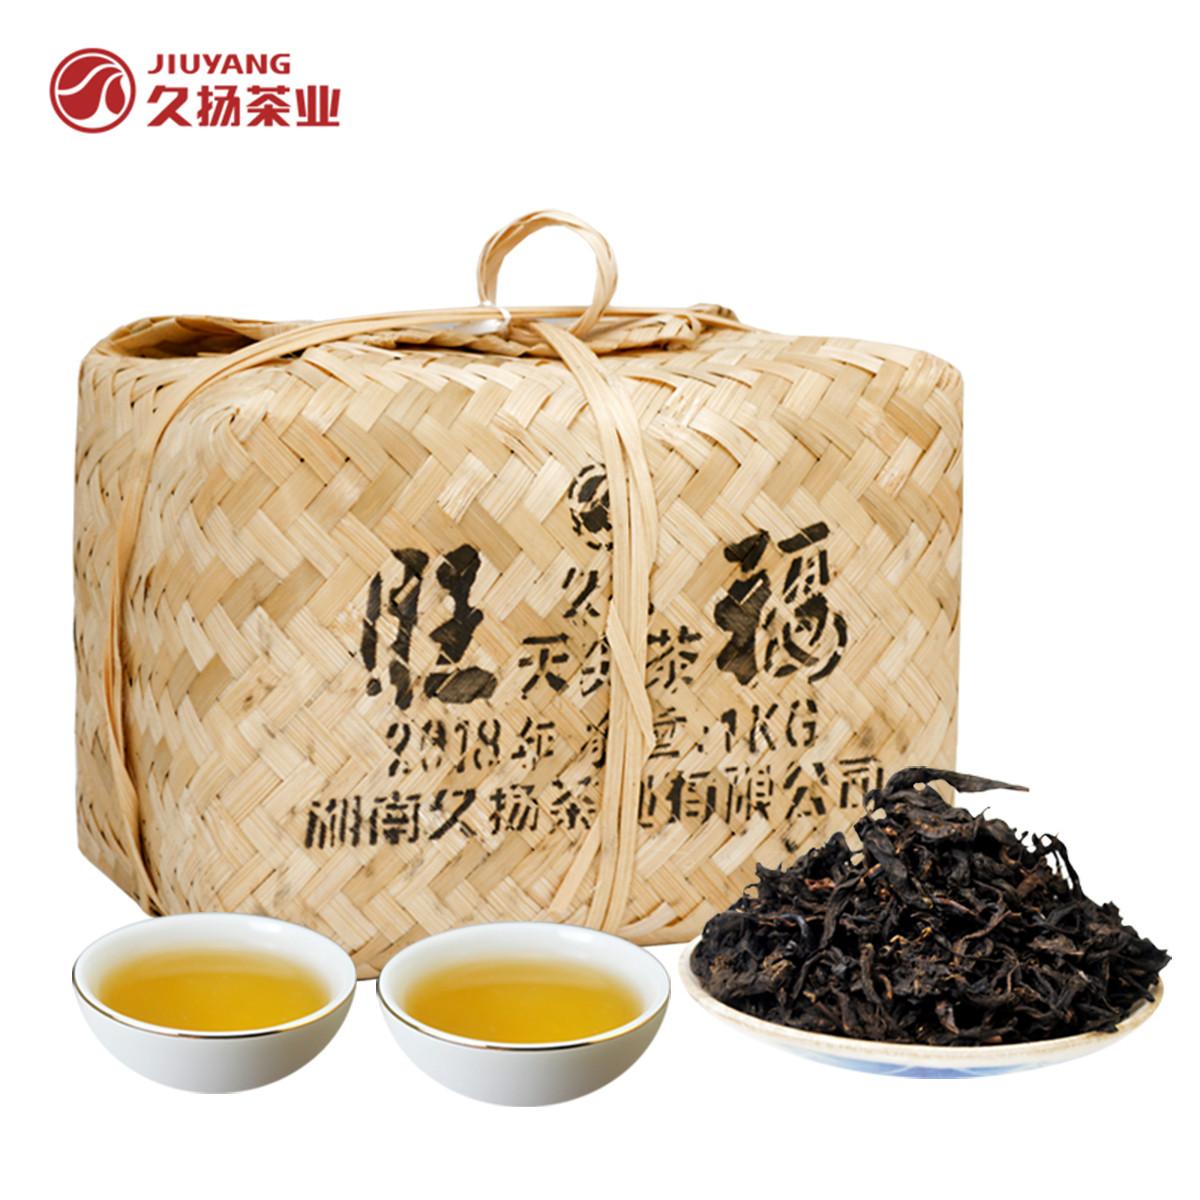 久扬 黑茶湖南安化黑茶 2018年旺福天尖散茶1kg